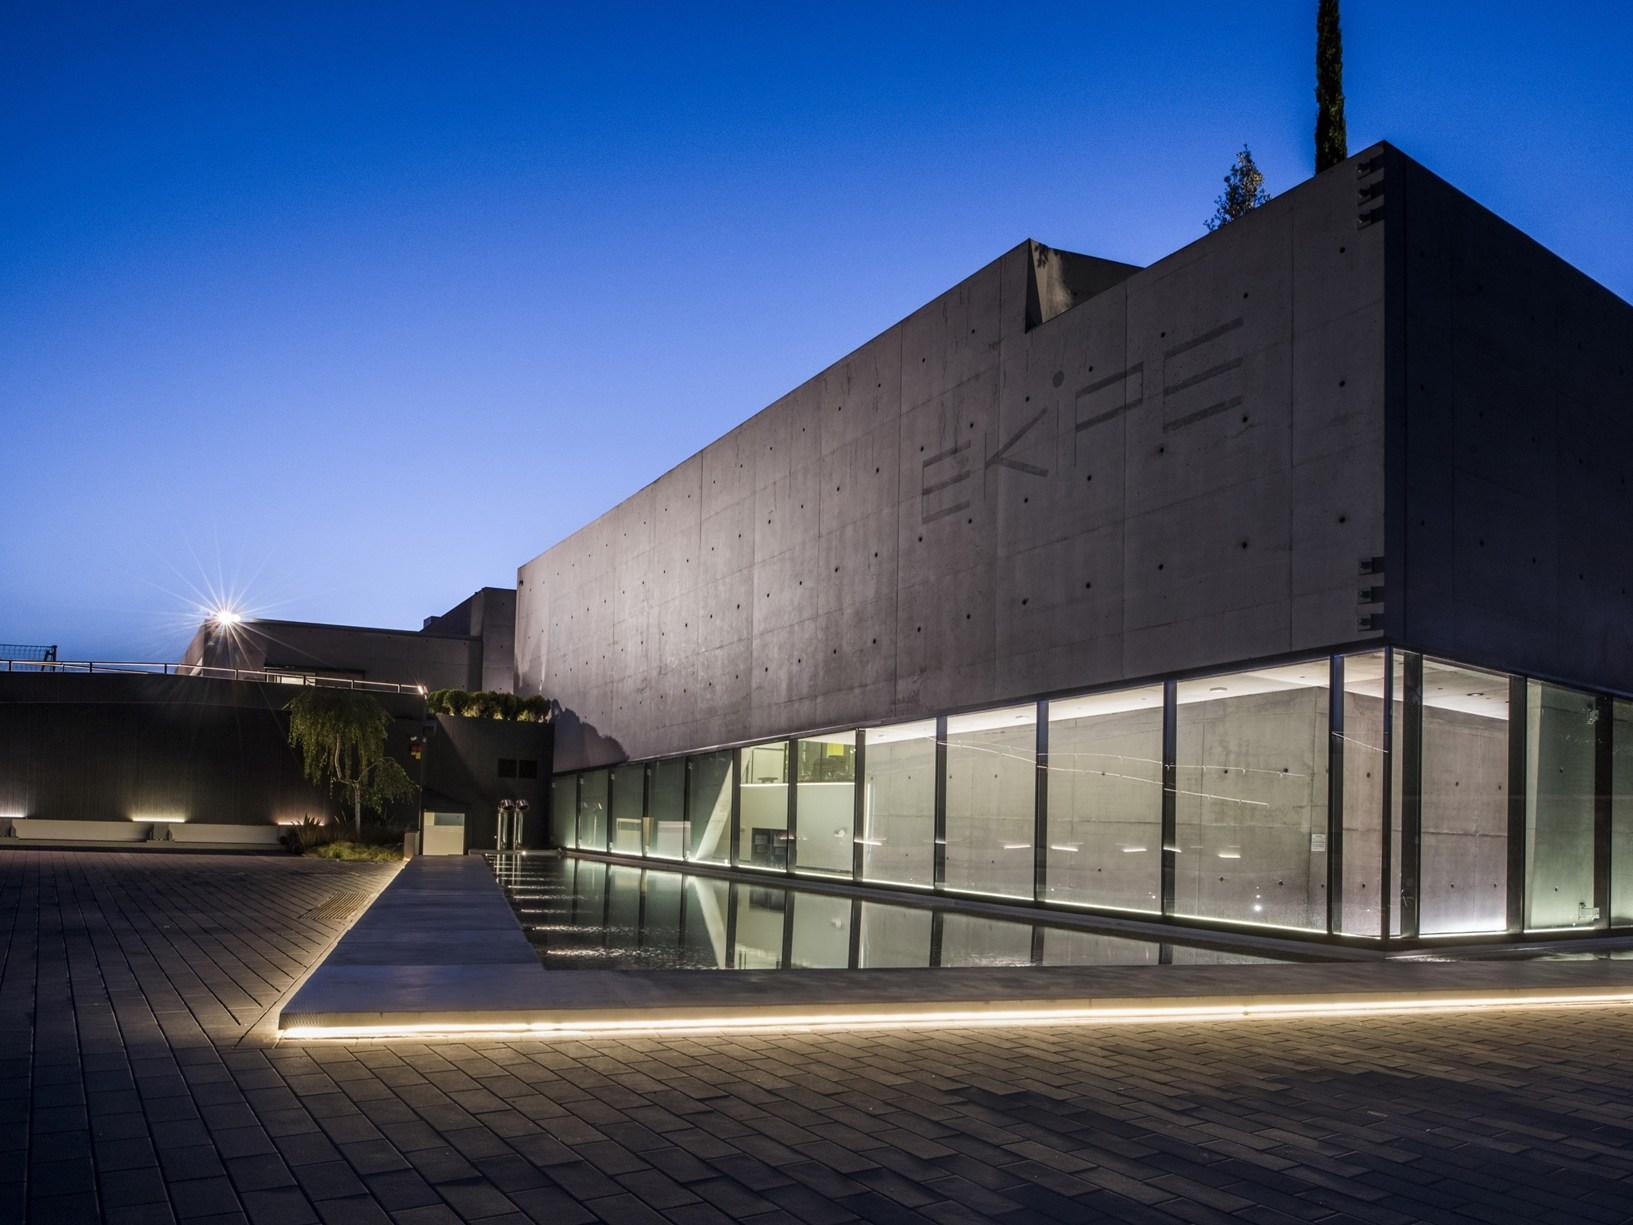 Architettura brutalista interni glamour for Interni architettura